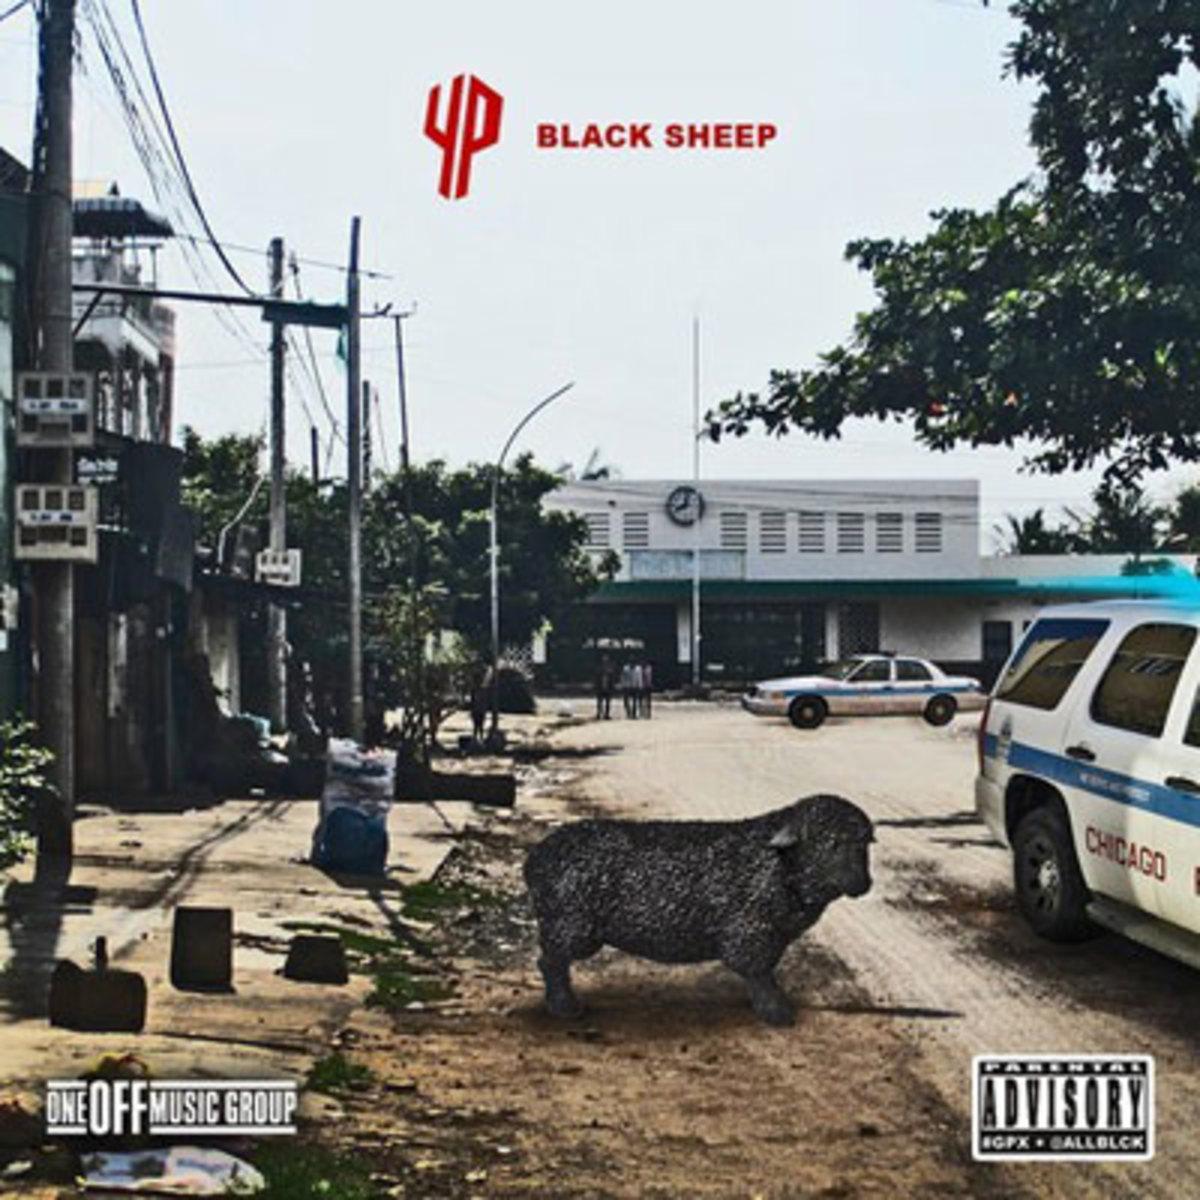 yp-blacksheep.jpg